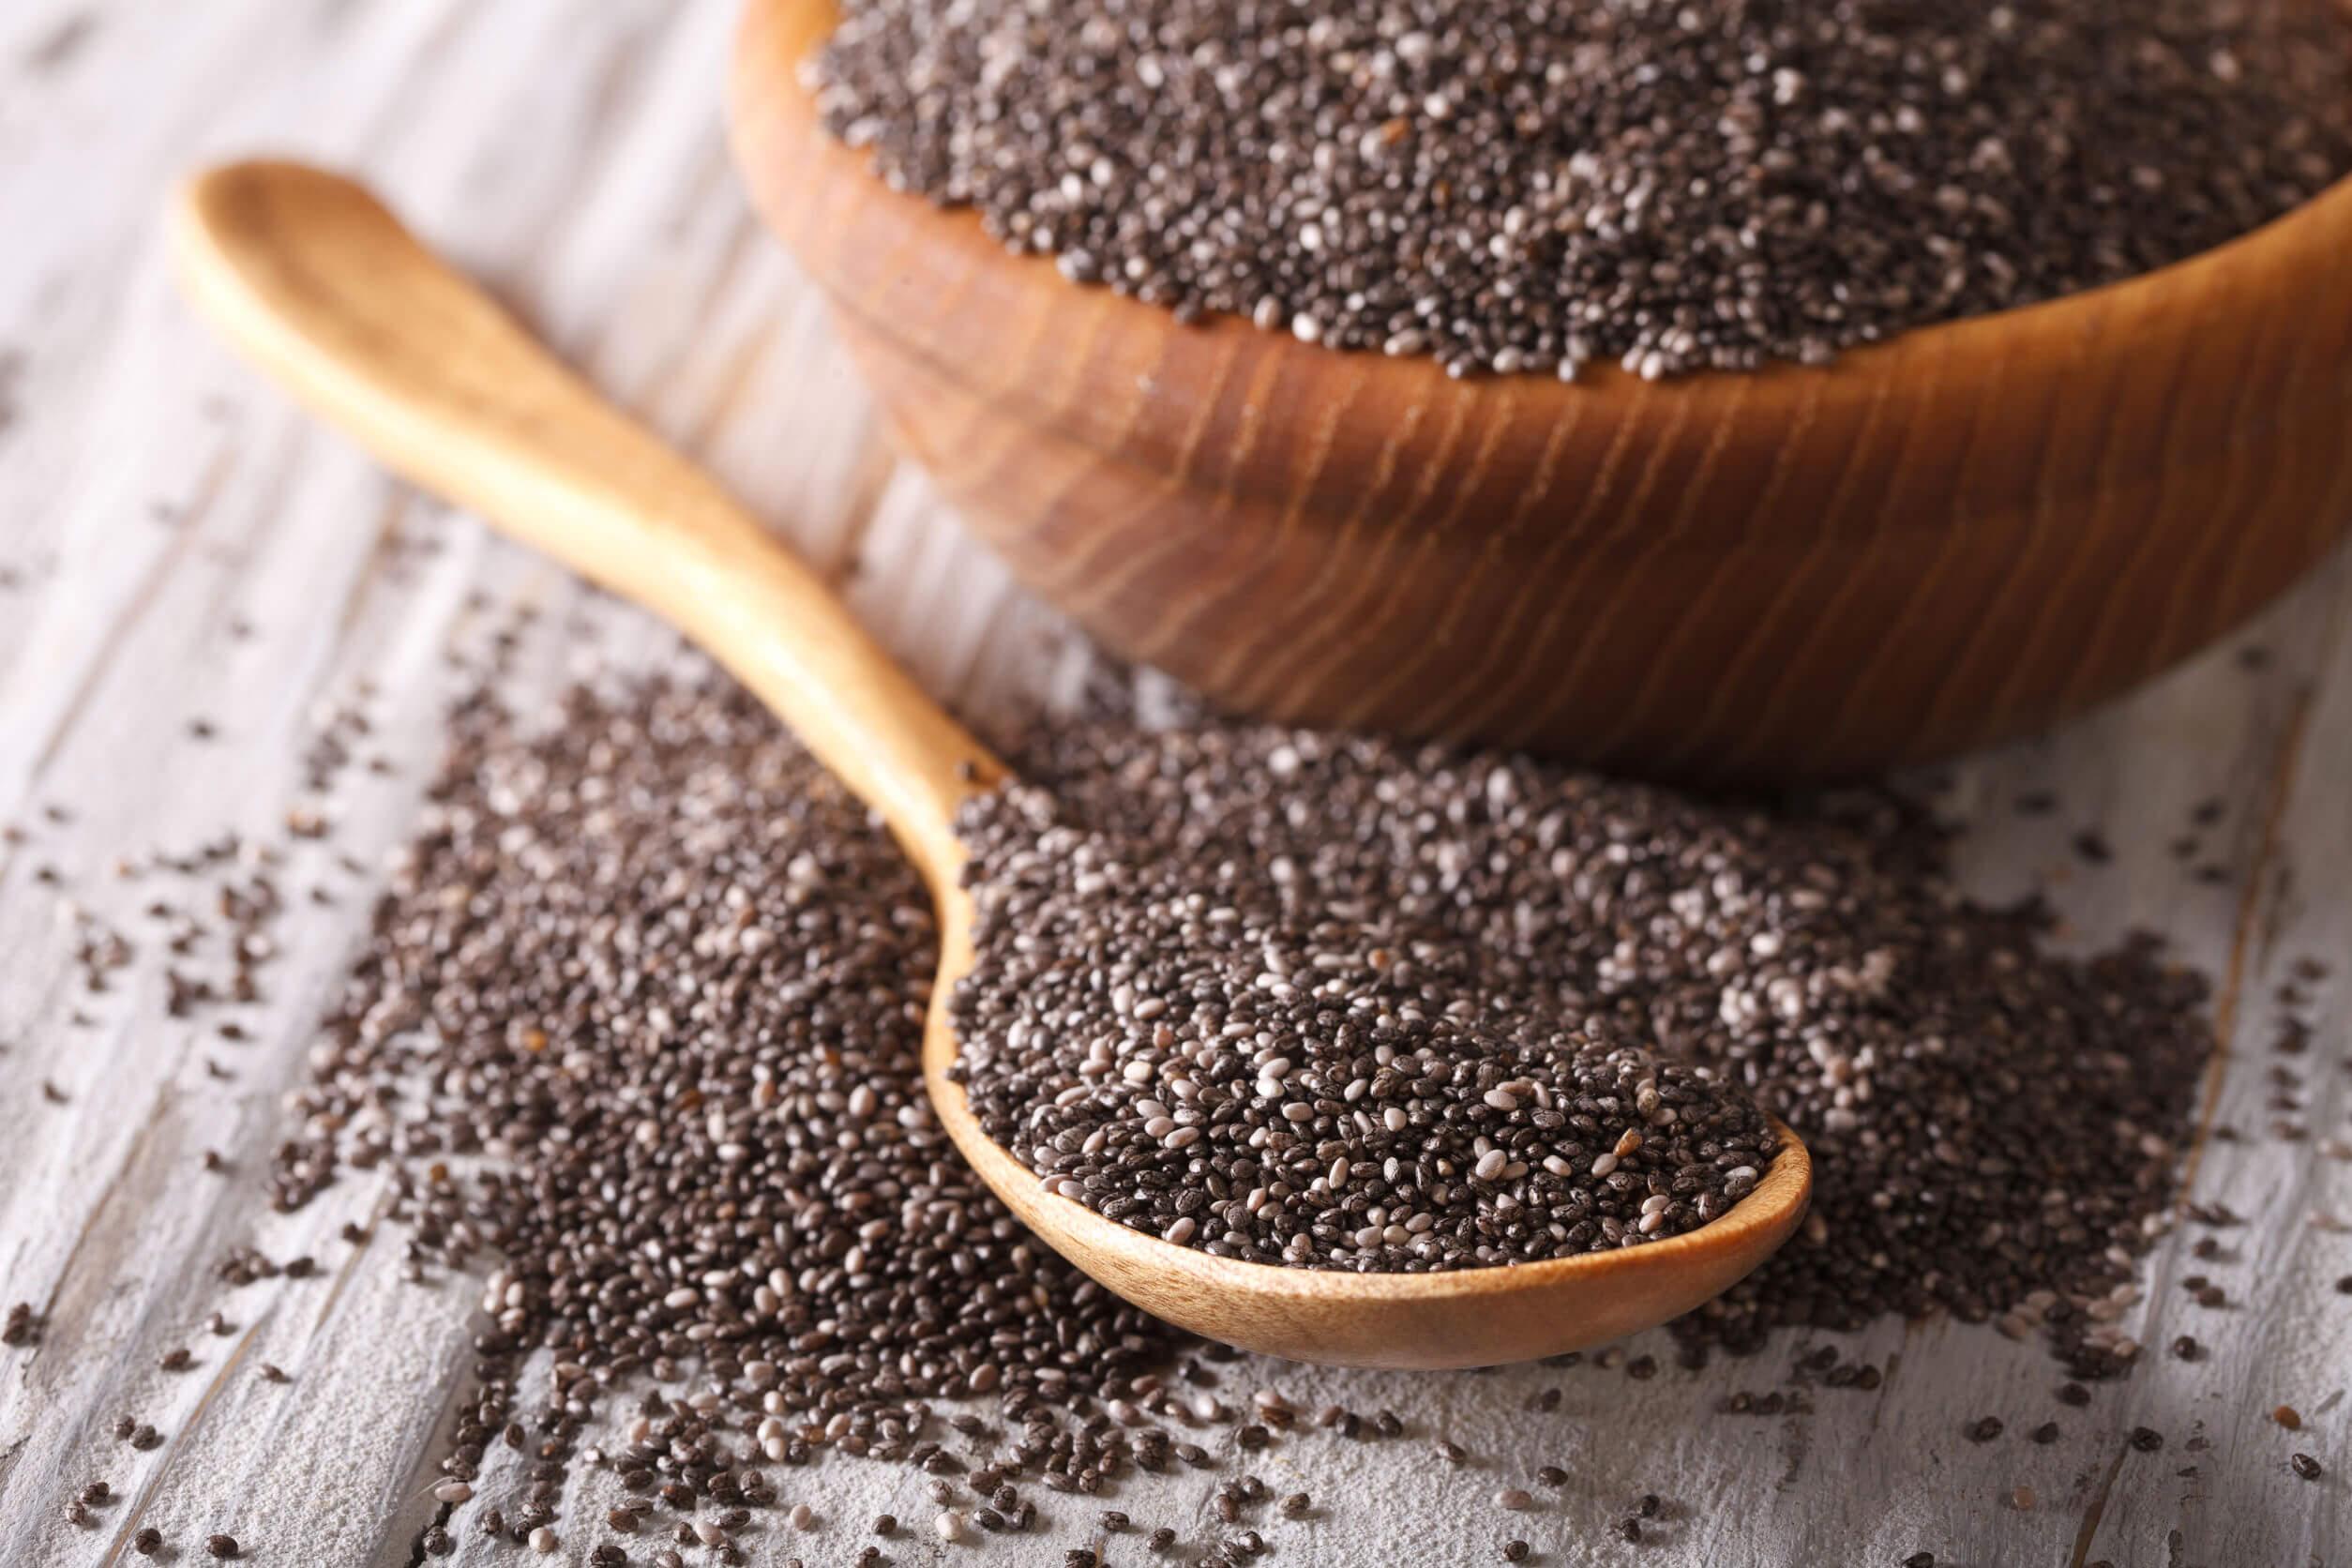 Las semillas de chía son una de las fuentes vegetales de ácidos grasos que más ha ganado popularidad en los últimos años.